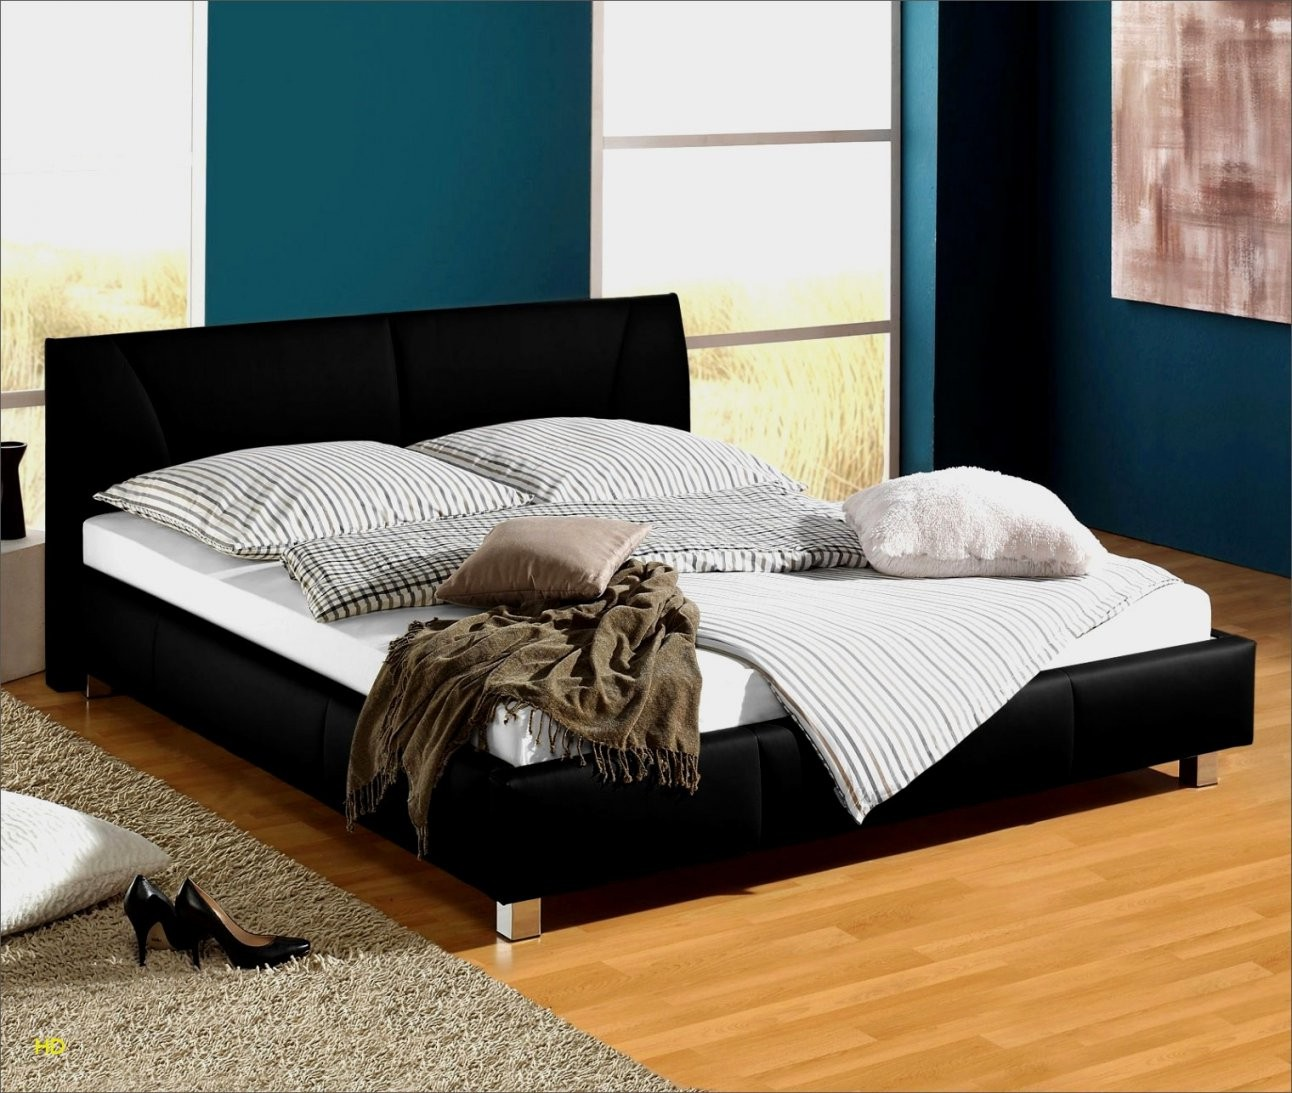 Häusliche Verbesserung 140X200 Bett Mit Matratze Und Lattenrost von Polsterbett 140X200 Mit Matratze Bild